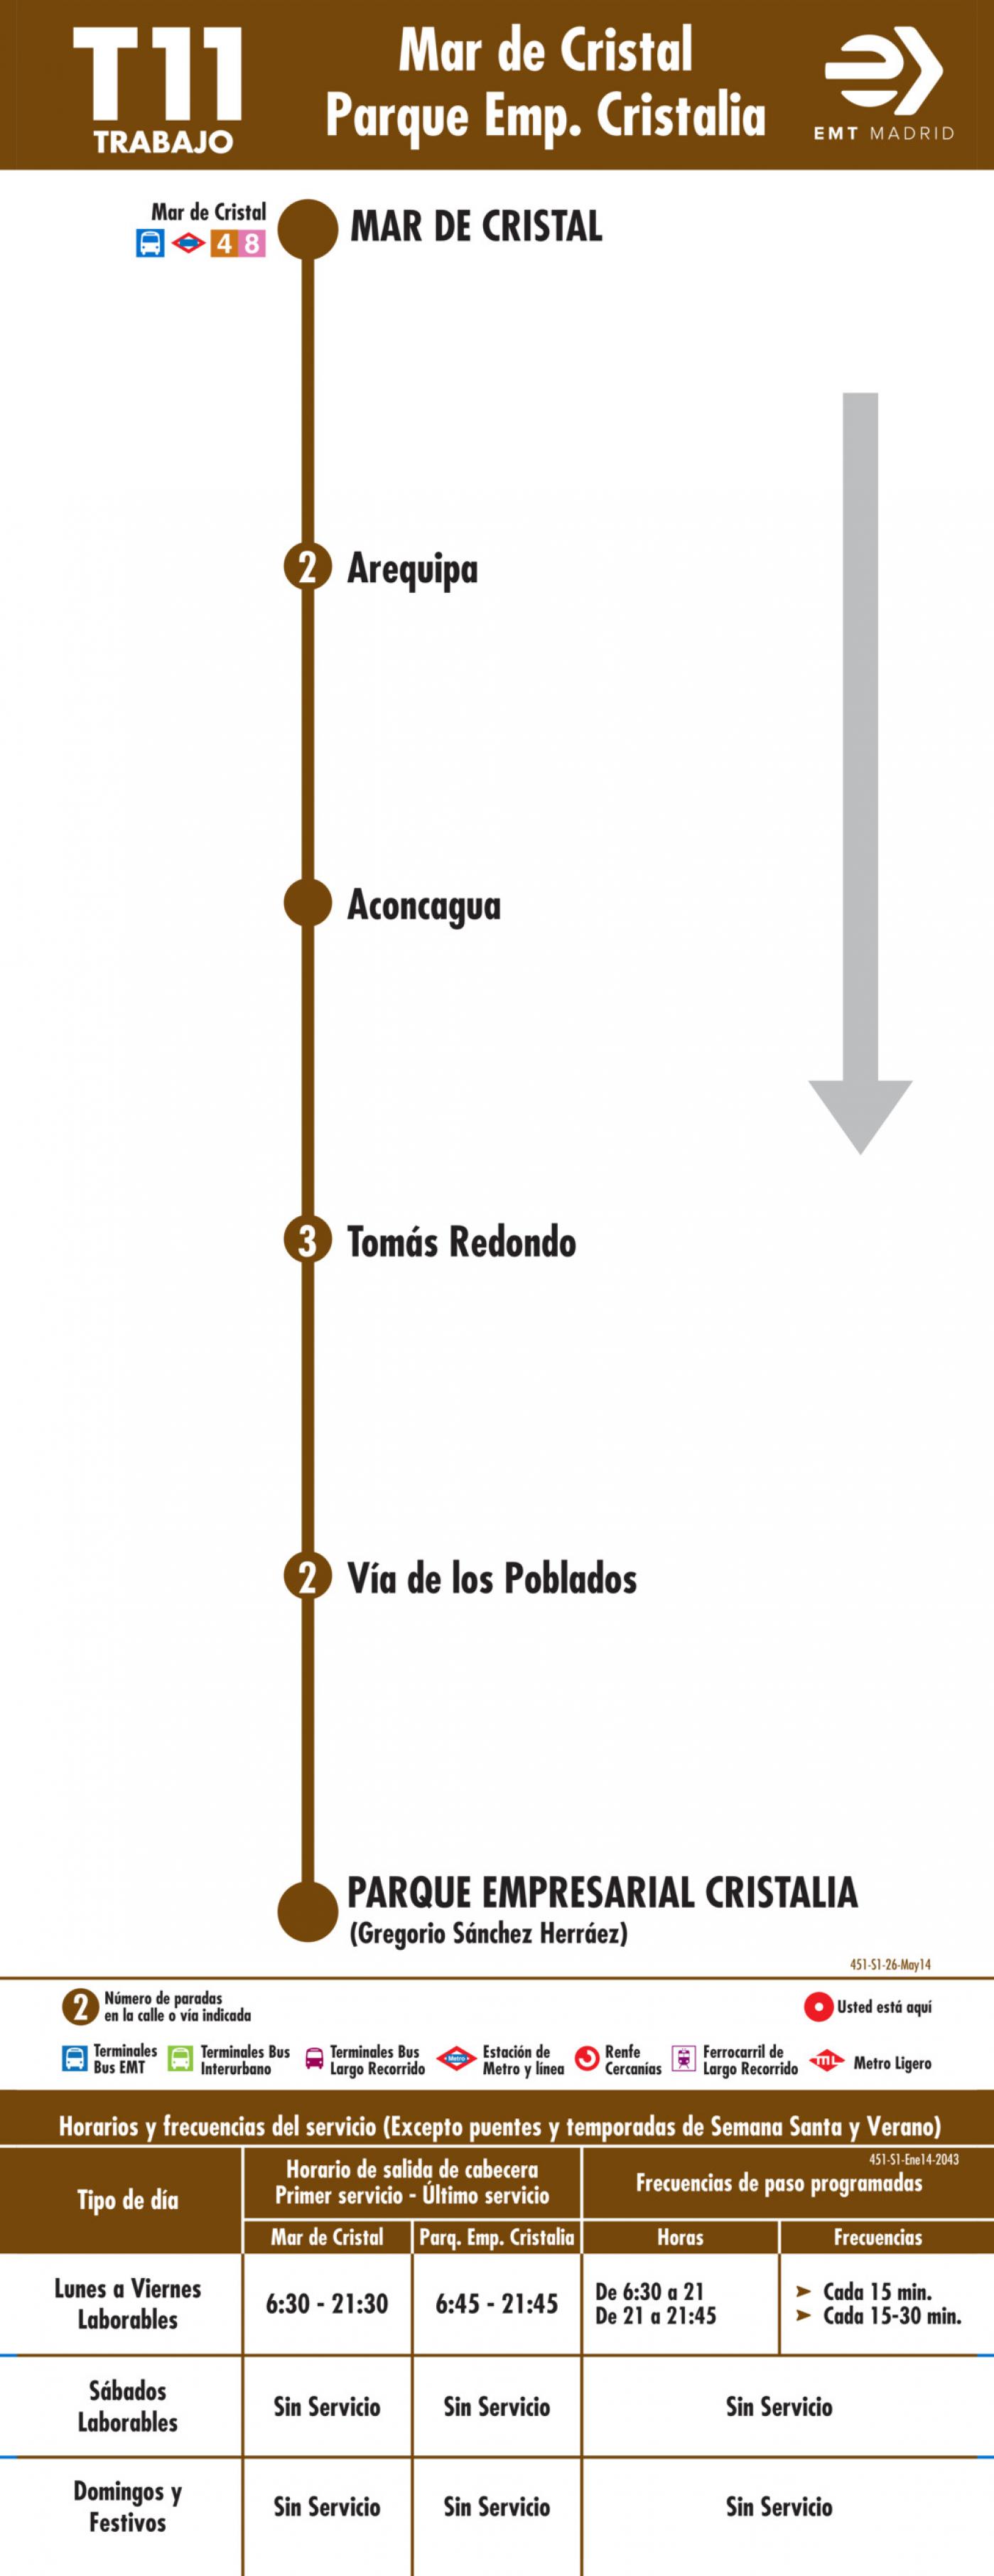 Tabla de horarios y frecuencias de paso en sentido ida Línea T11: Mar de Cristal - Parque Empresarial Cristalia